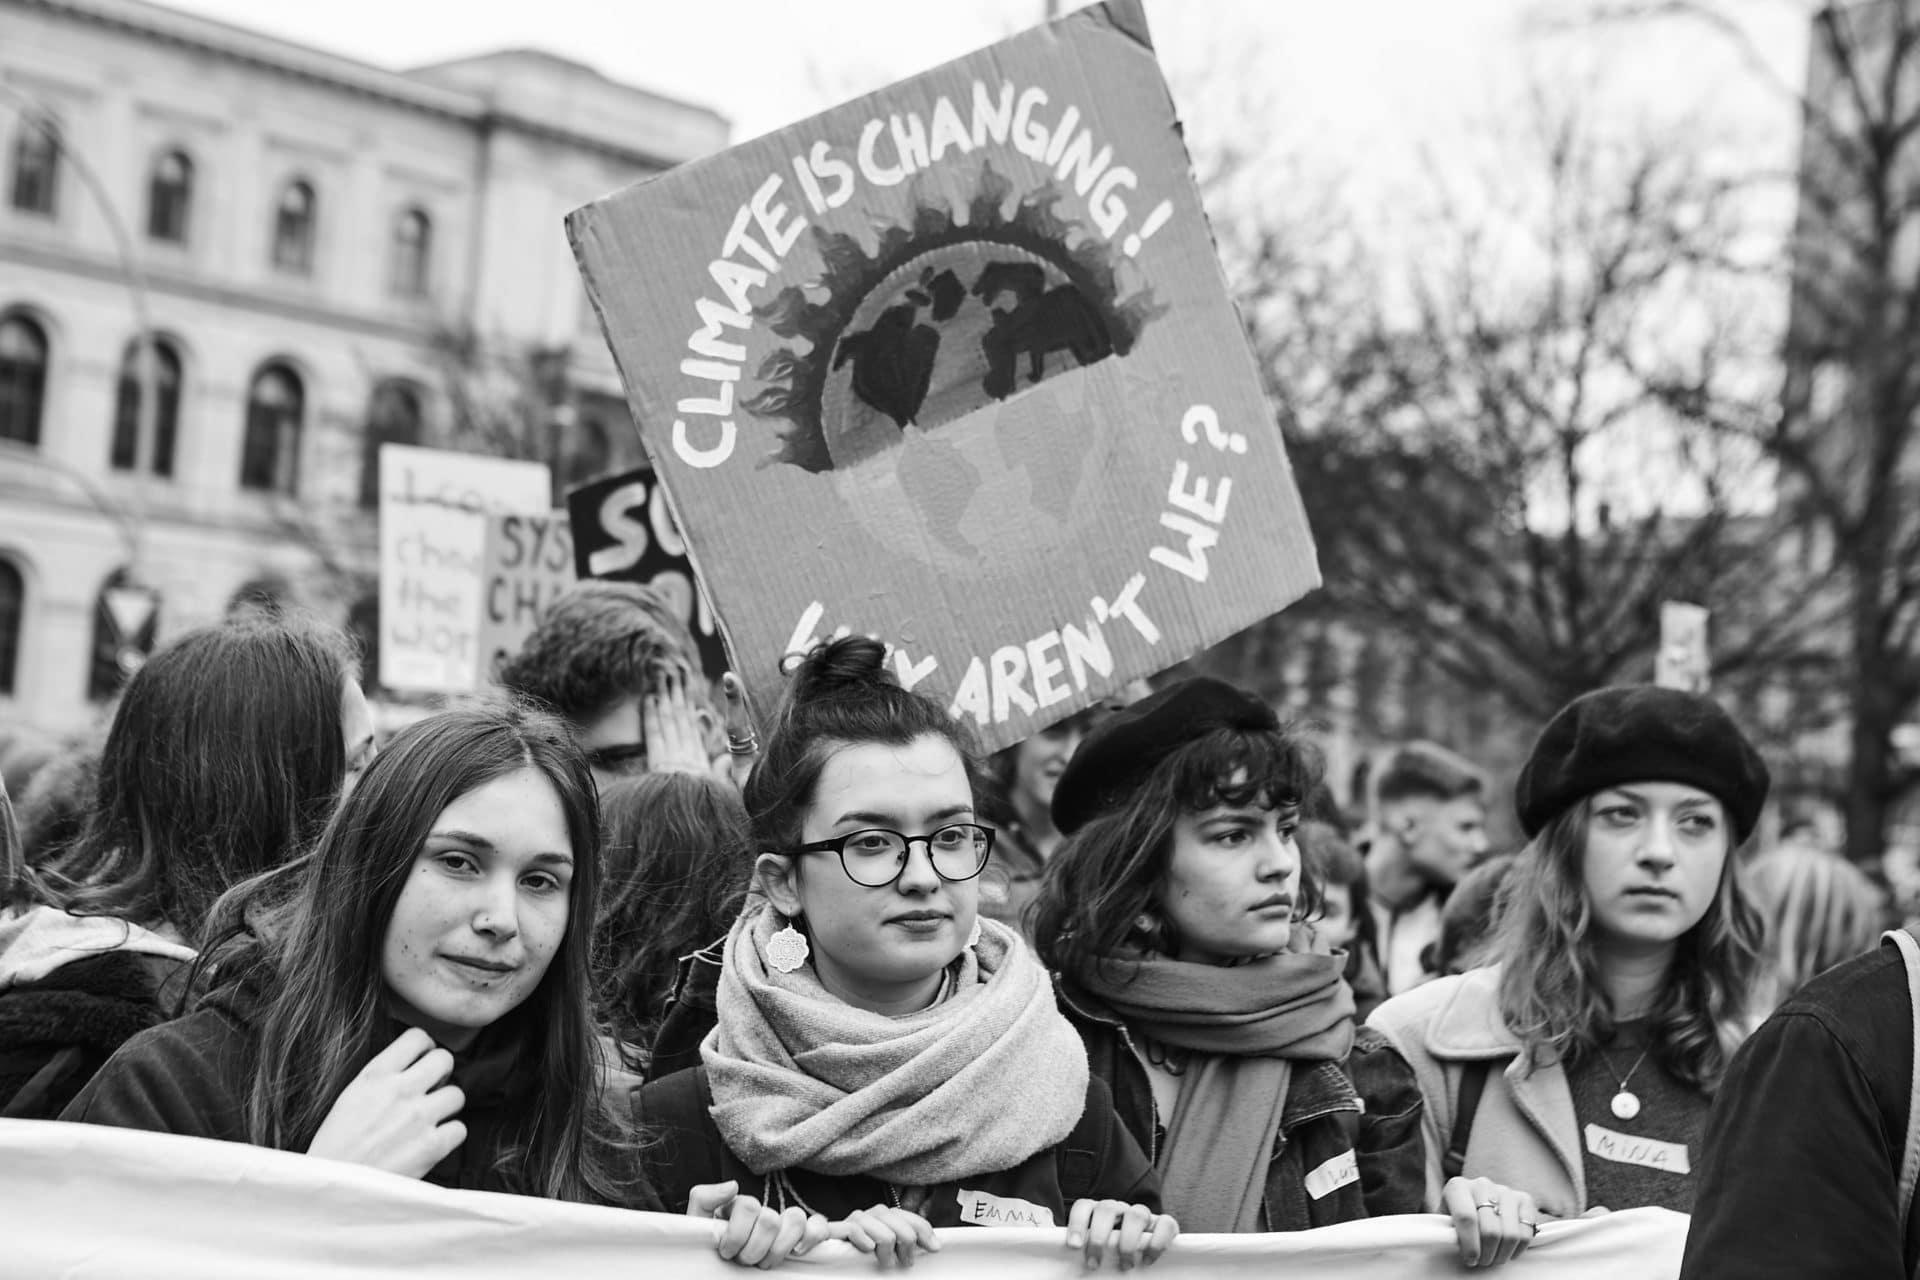 Akademischer Aufstand – Scientists for Future